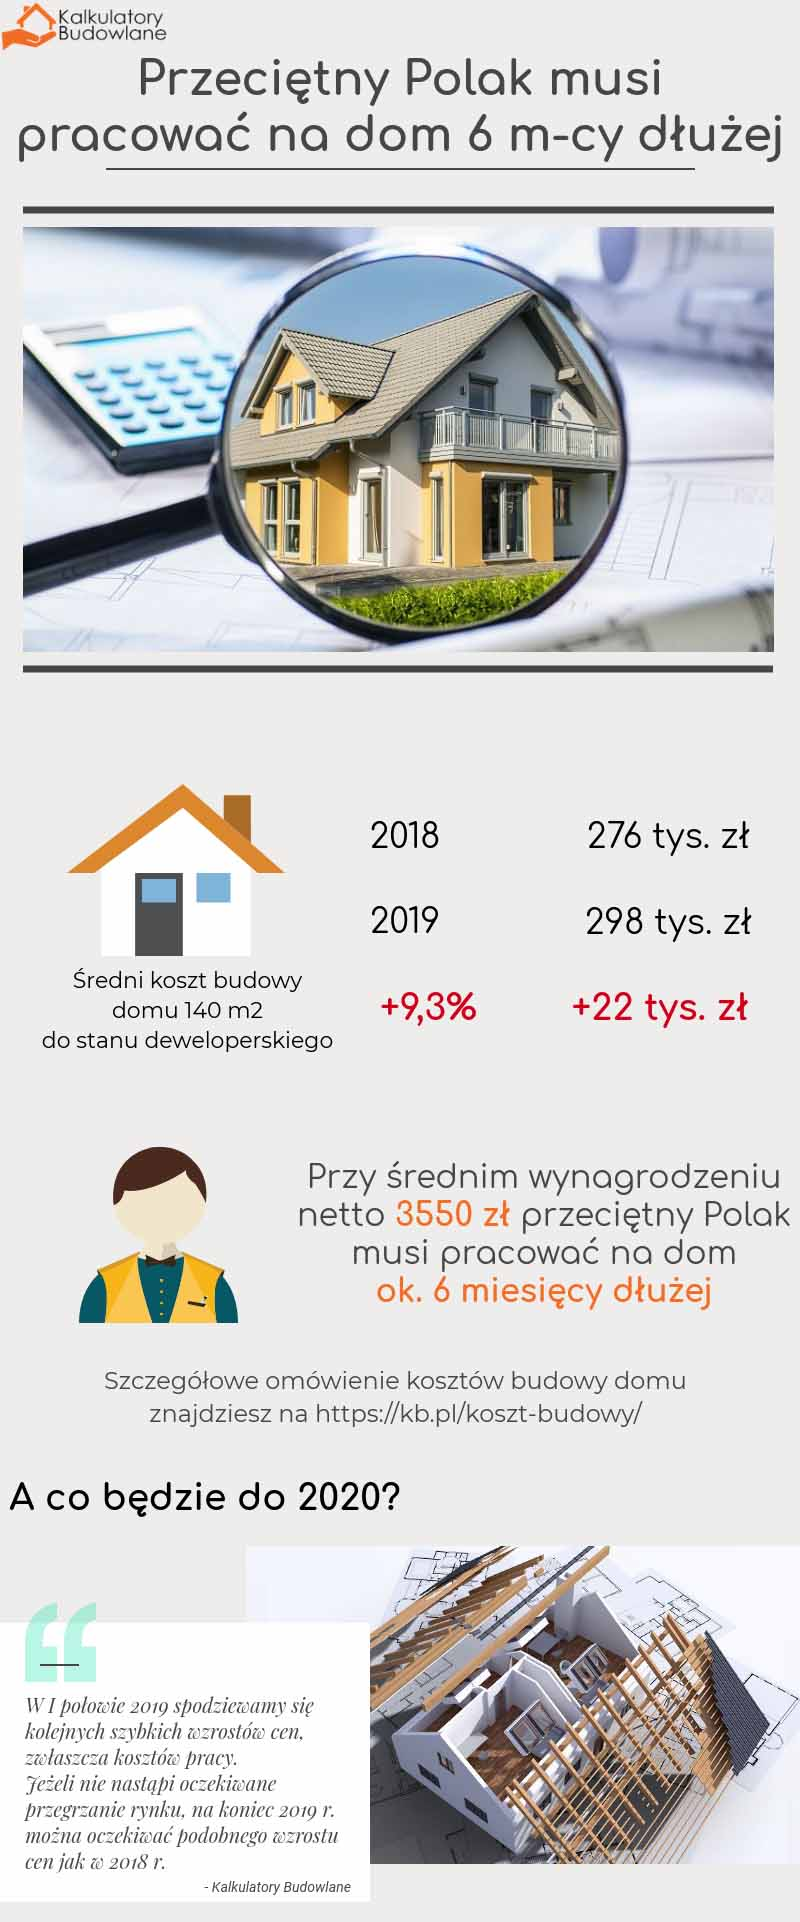 Przeciętny Polak musi odkładać na dom dodatkowe 6 miesięcy - tak szybko rosną ceny domów